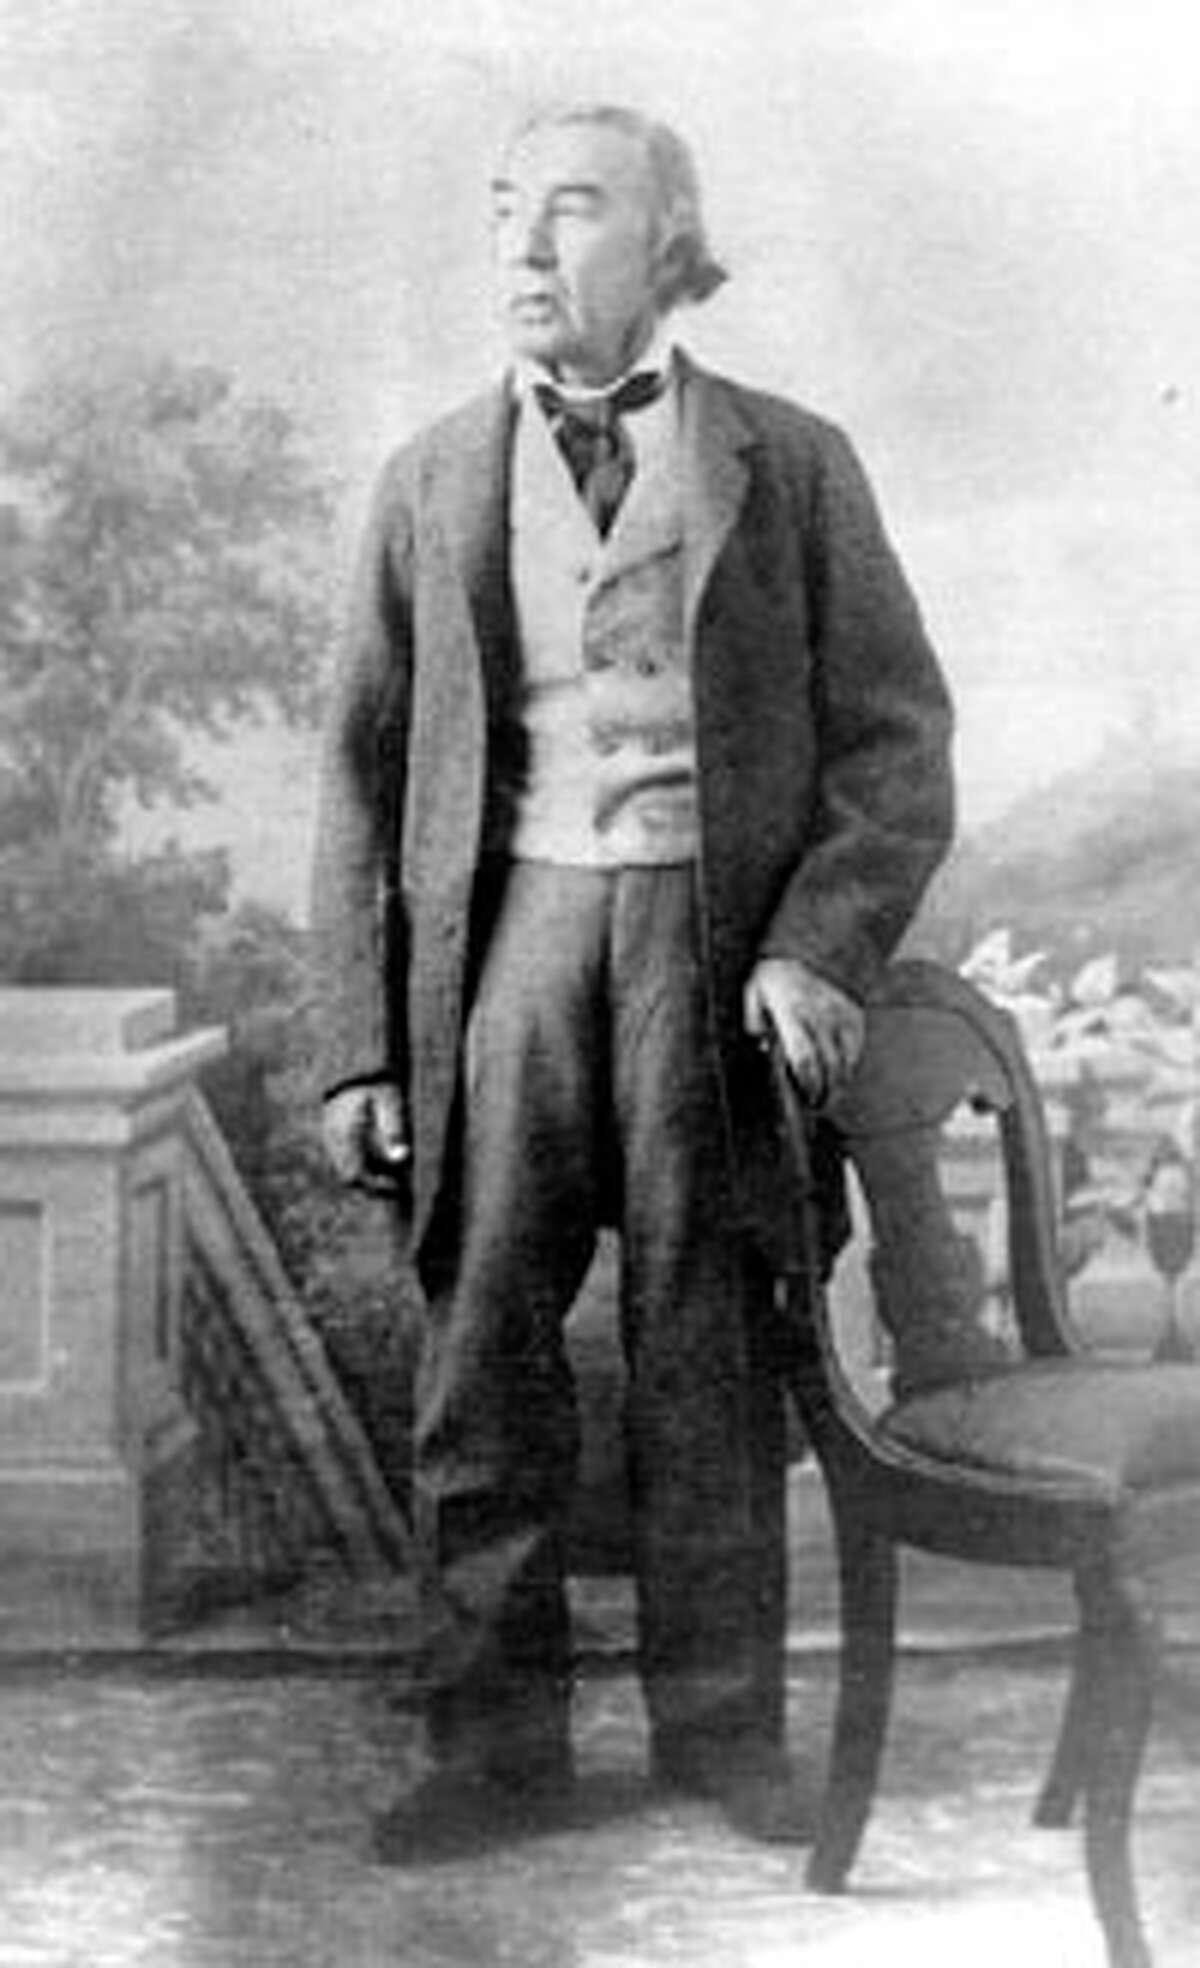 Jose Antonio Navarro was a revolutionary Texas statesman.